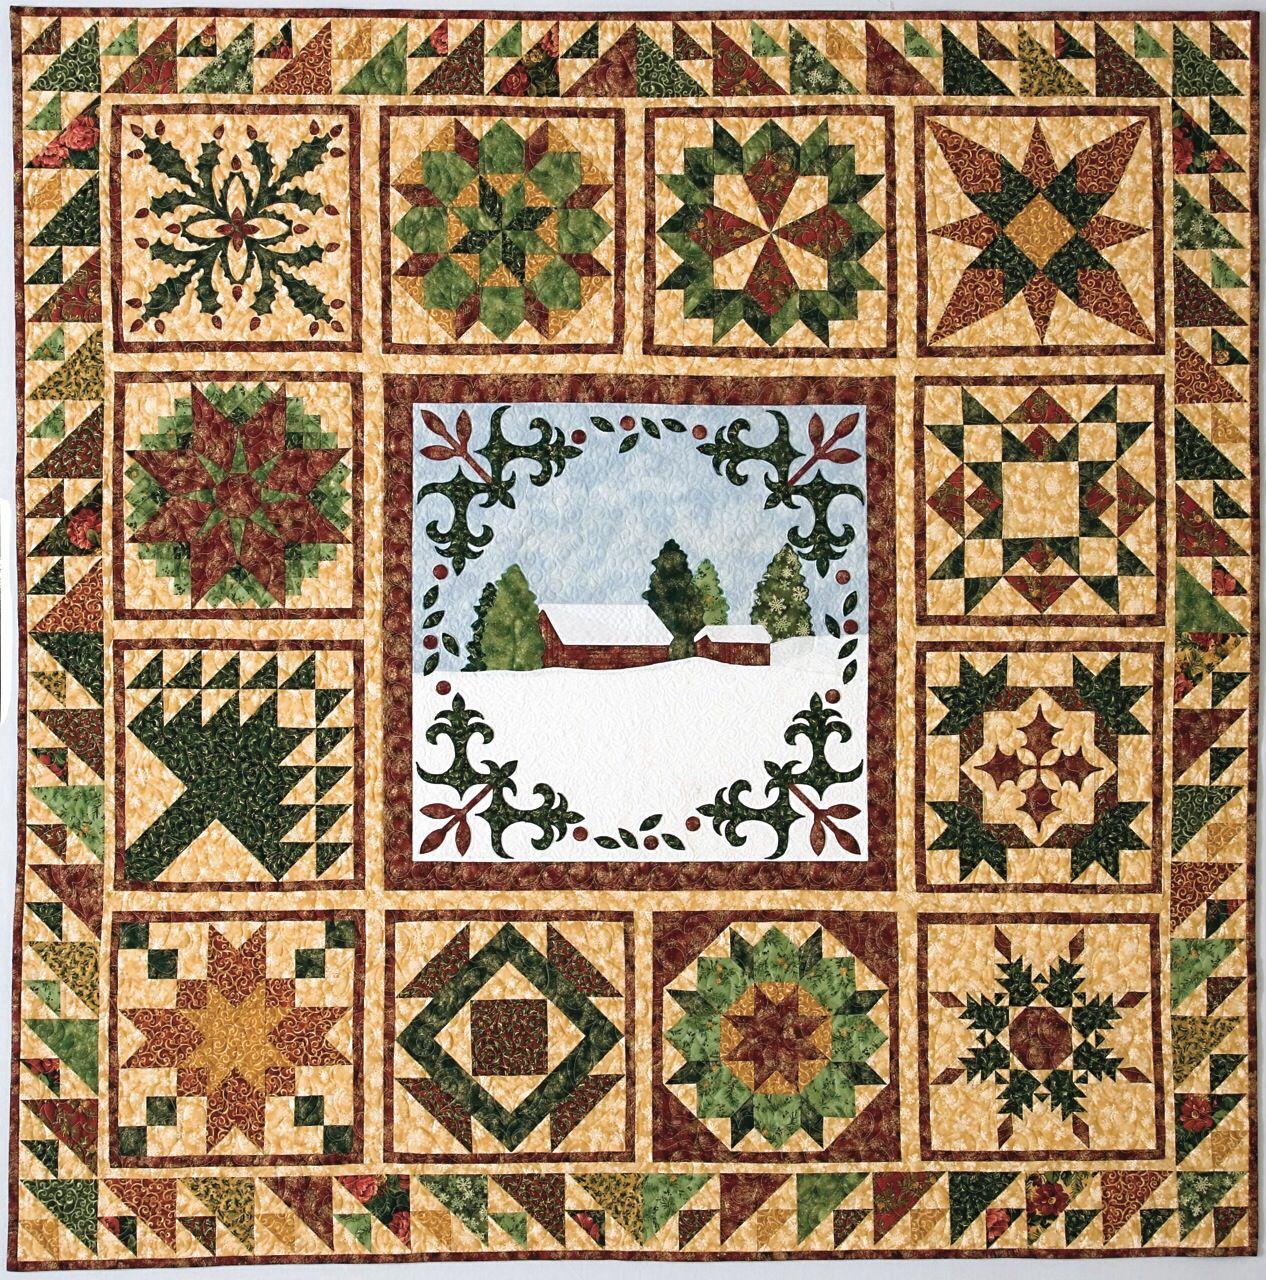 Christmas | Christmas quilts | Pinterest : list of quilt shops - Adamdwight.com